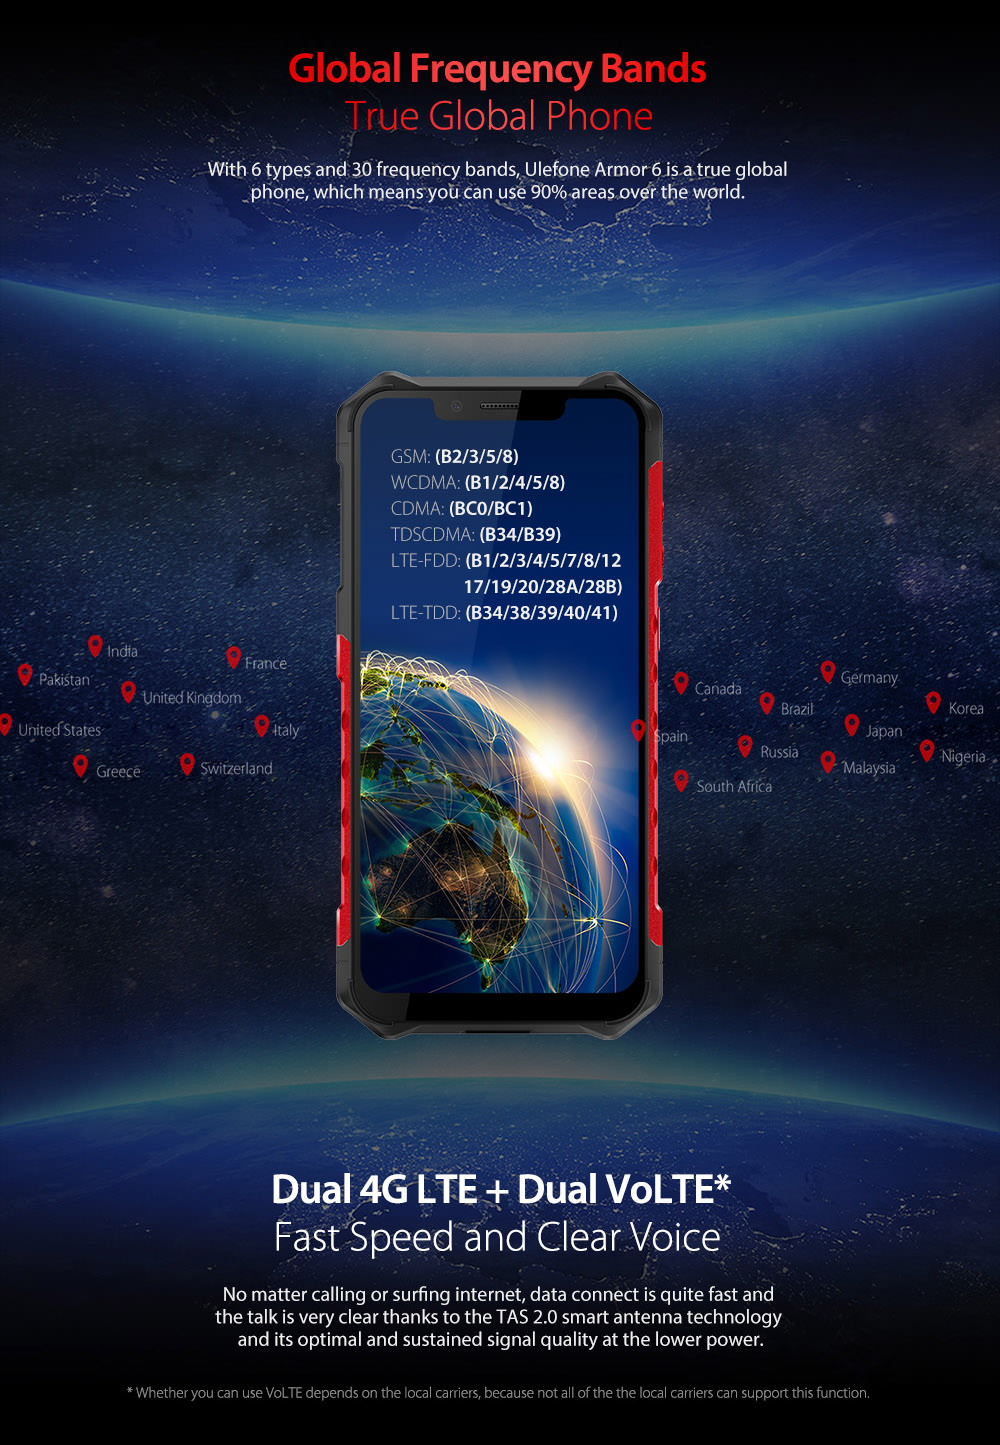 ulefone armor 6 smartphone 128gb